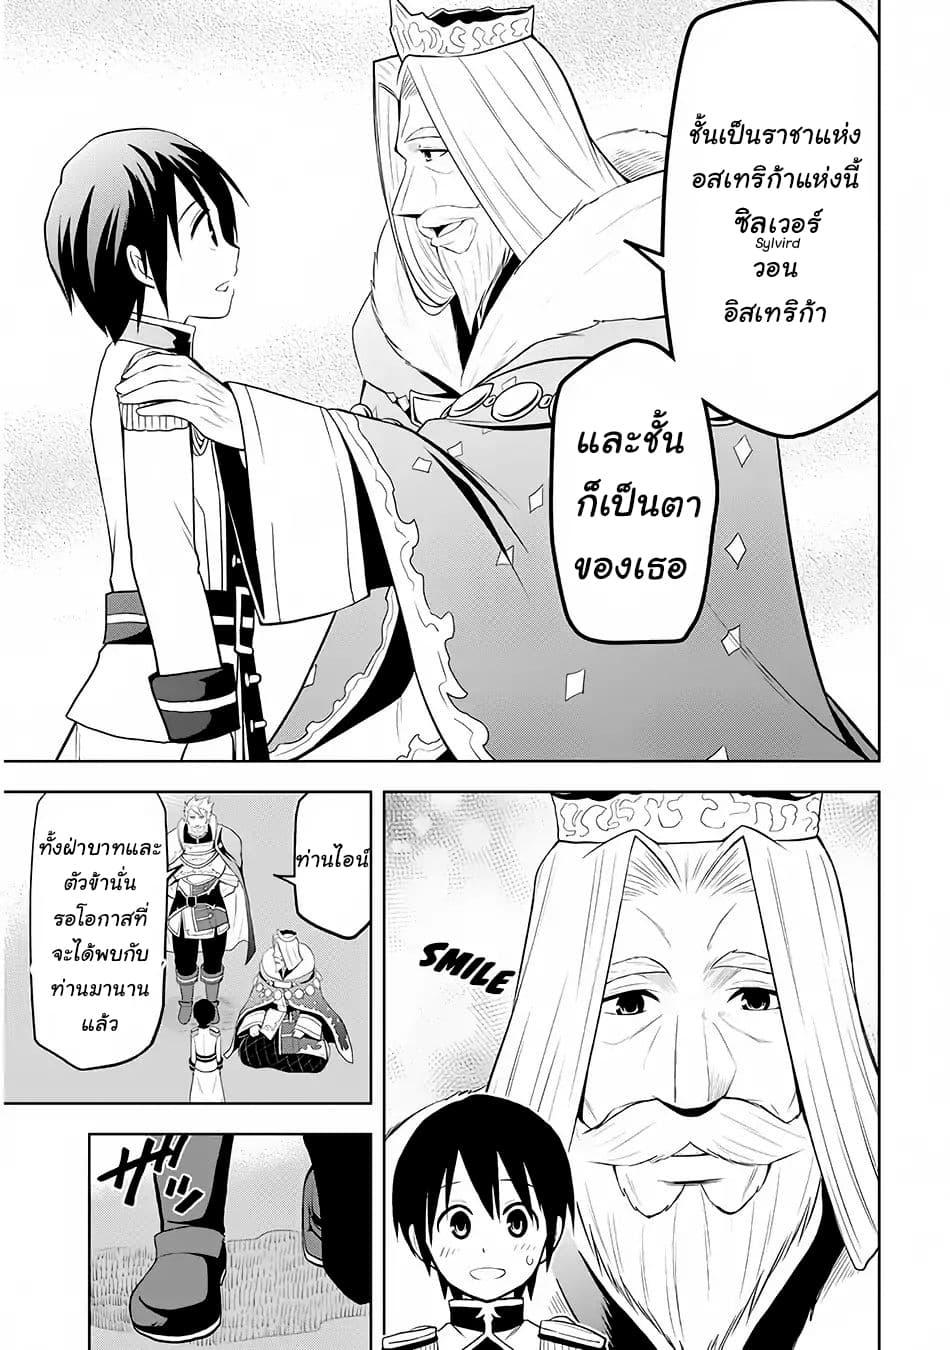 อ่านการ์ตูน Maseki Gurume Mamono no Chikara o Tabeta Ore wa Saikyou! ตอนที่ 4 หน้าที่ 3